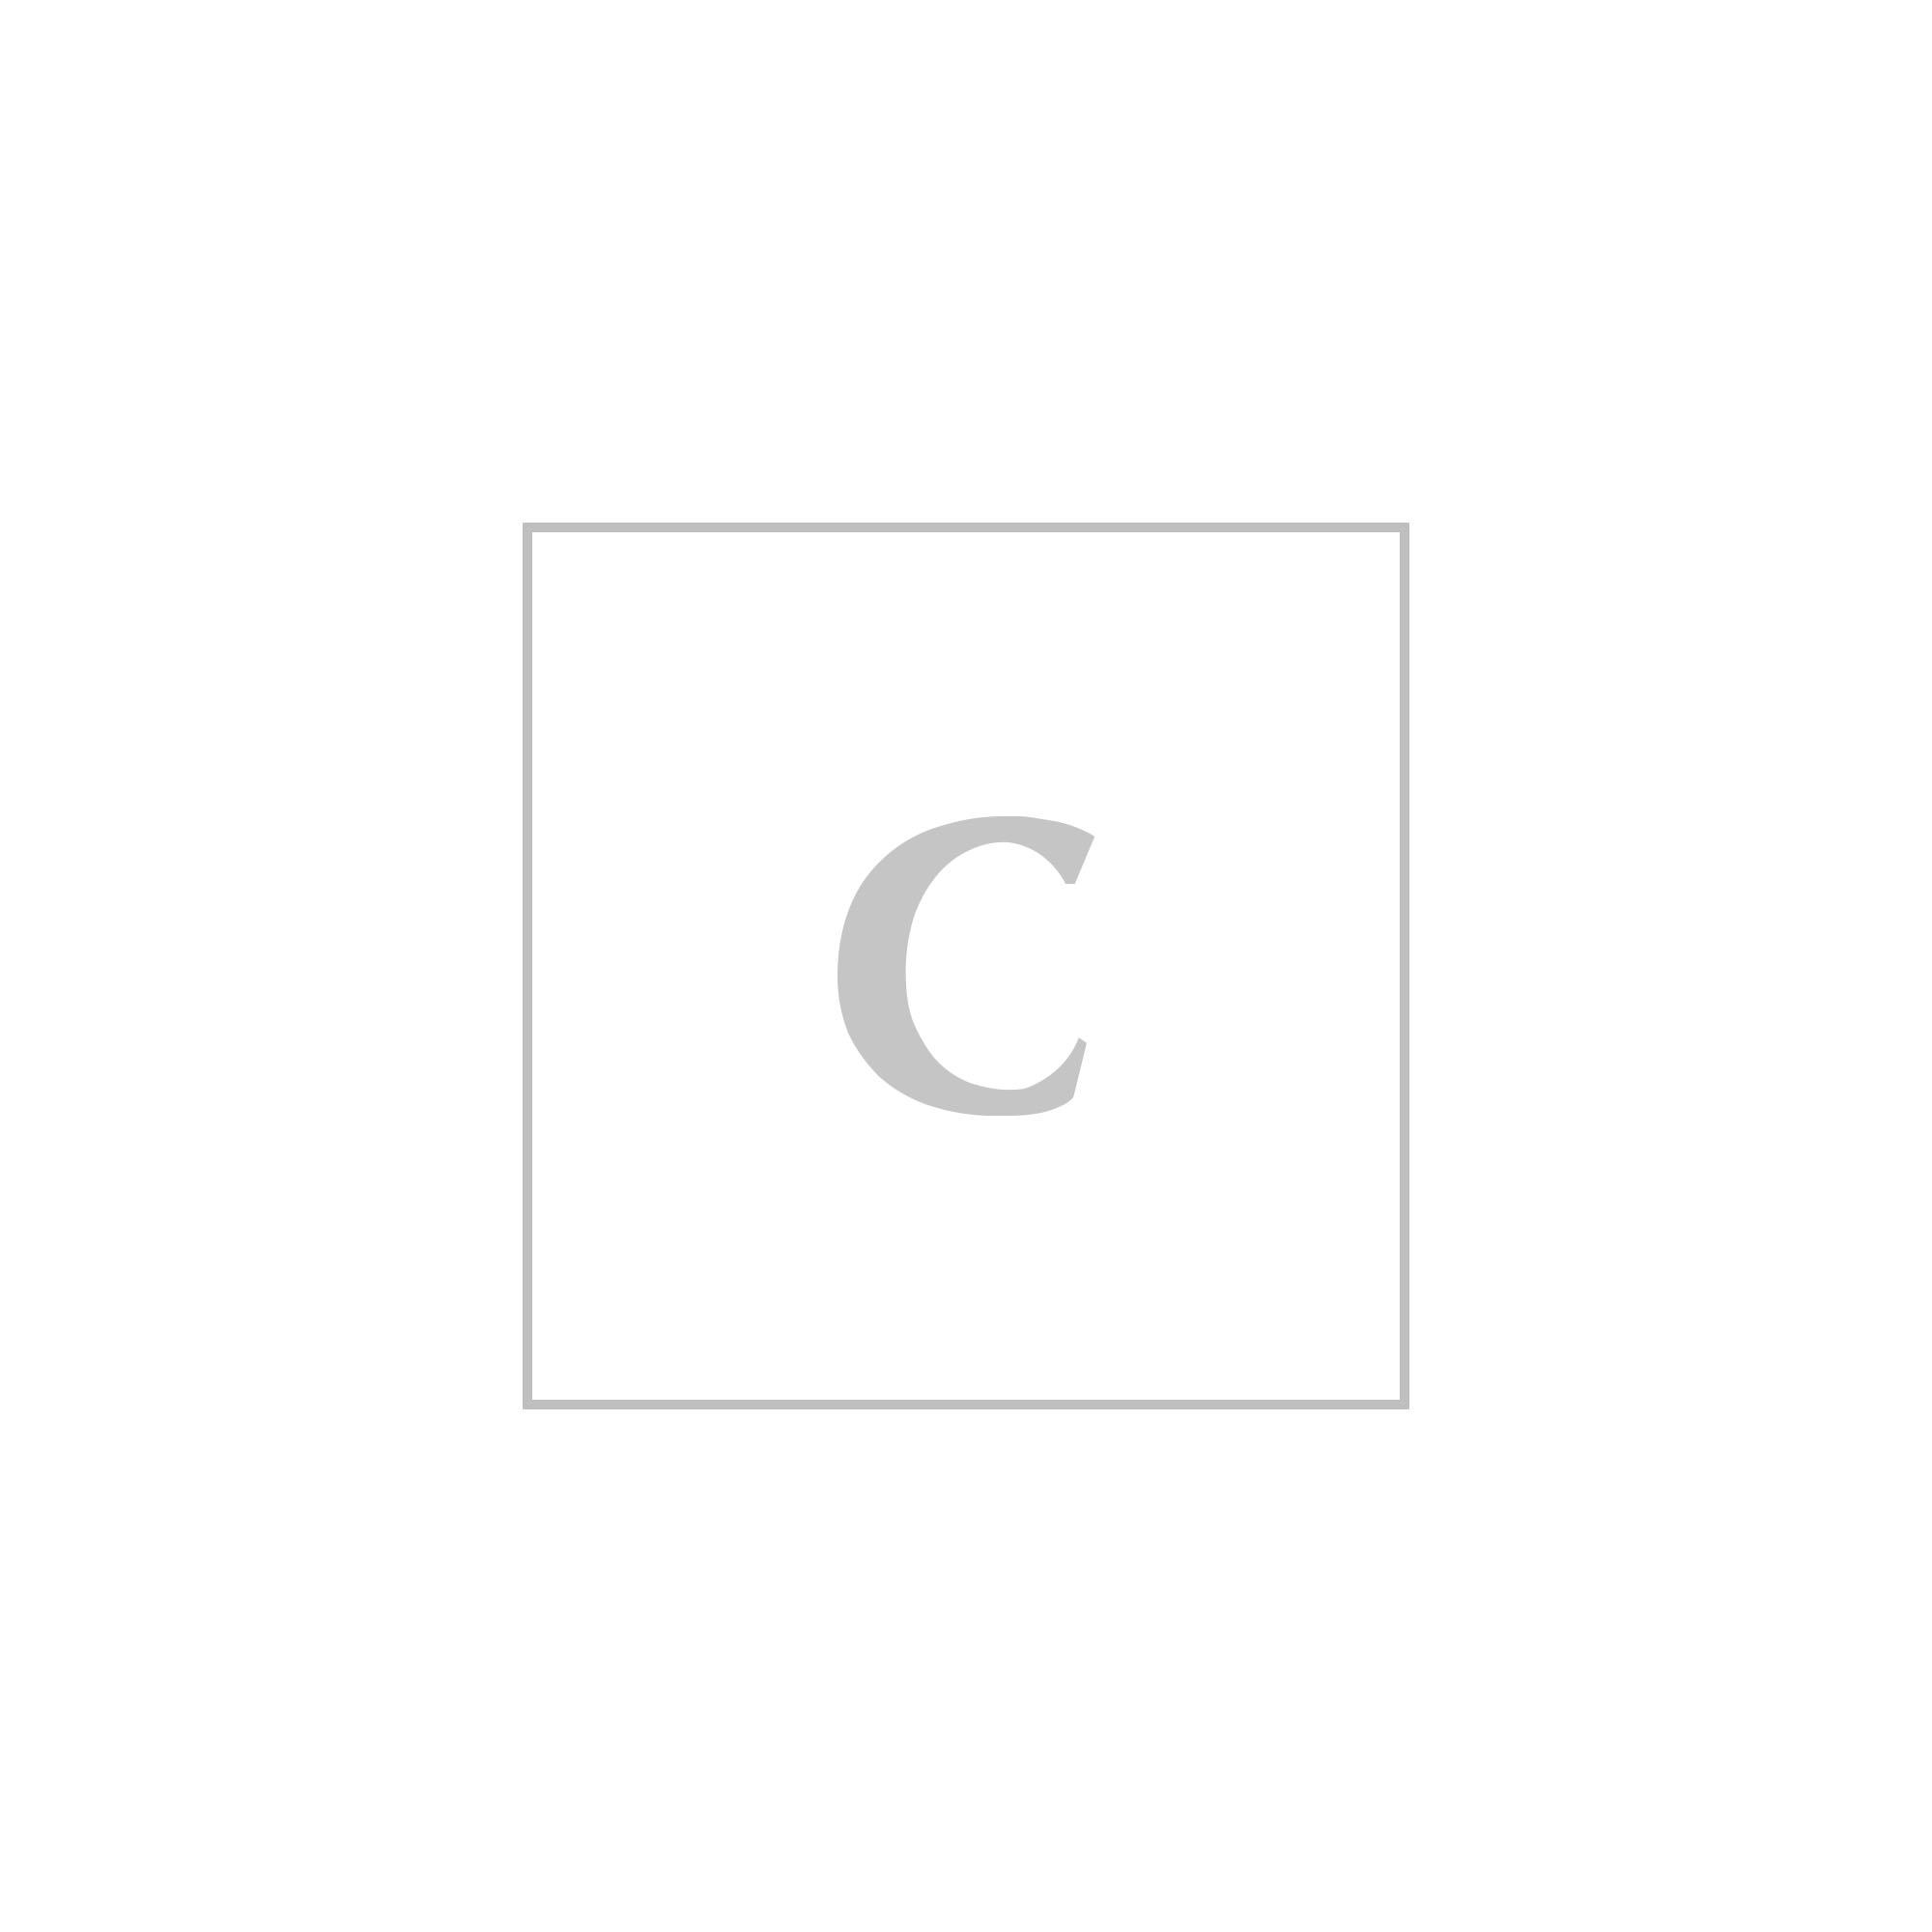 Carven eyelet clutch